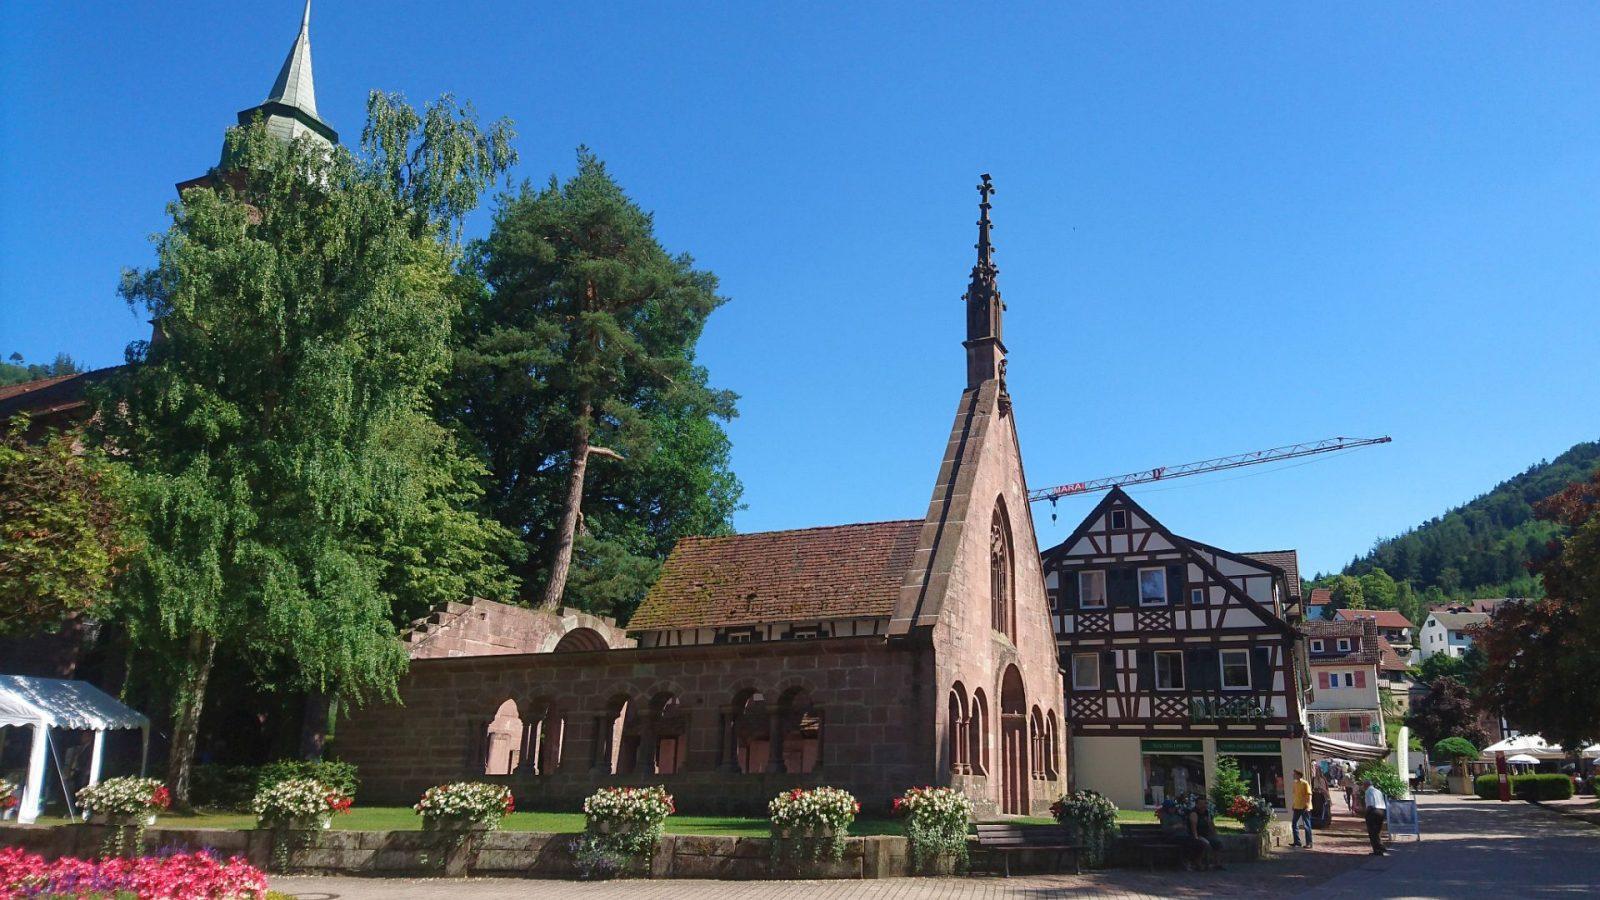 Kloster mit Kirche und Paradies-Ruine in Bad Herrenalb